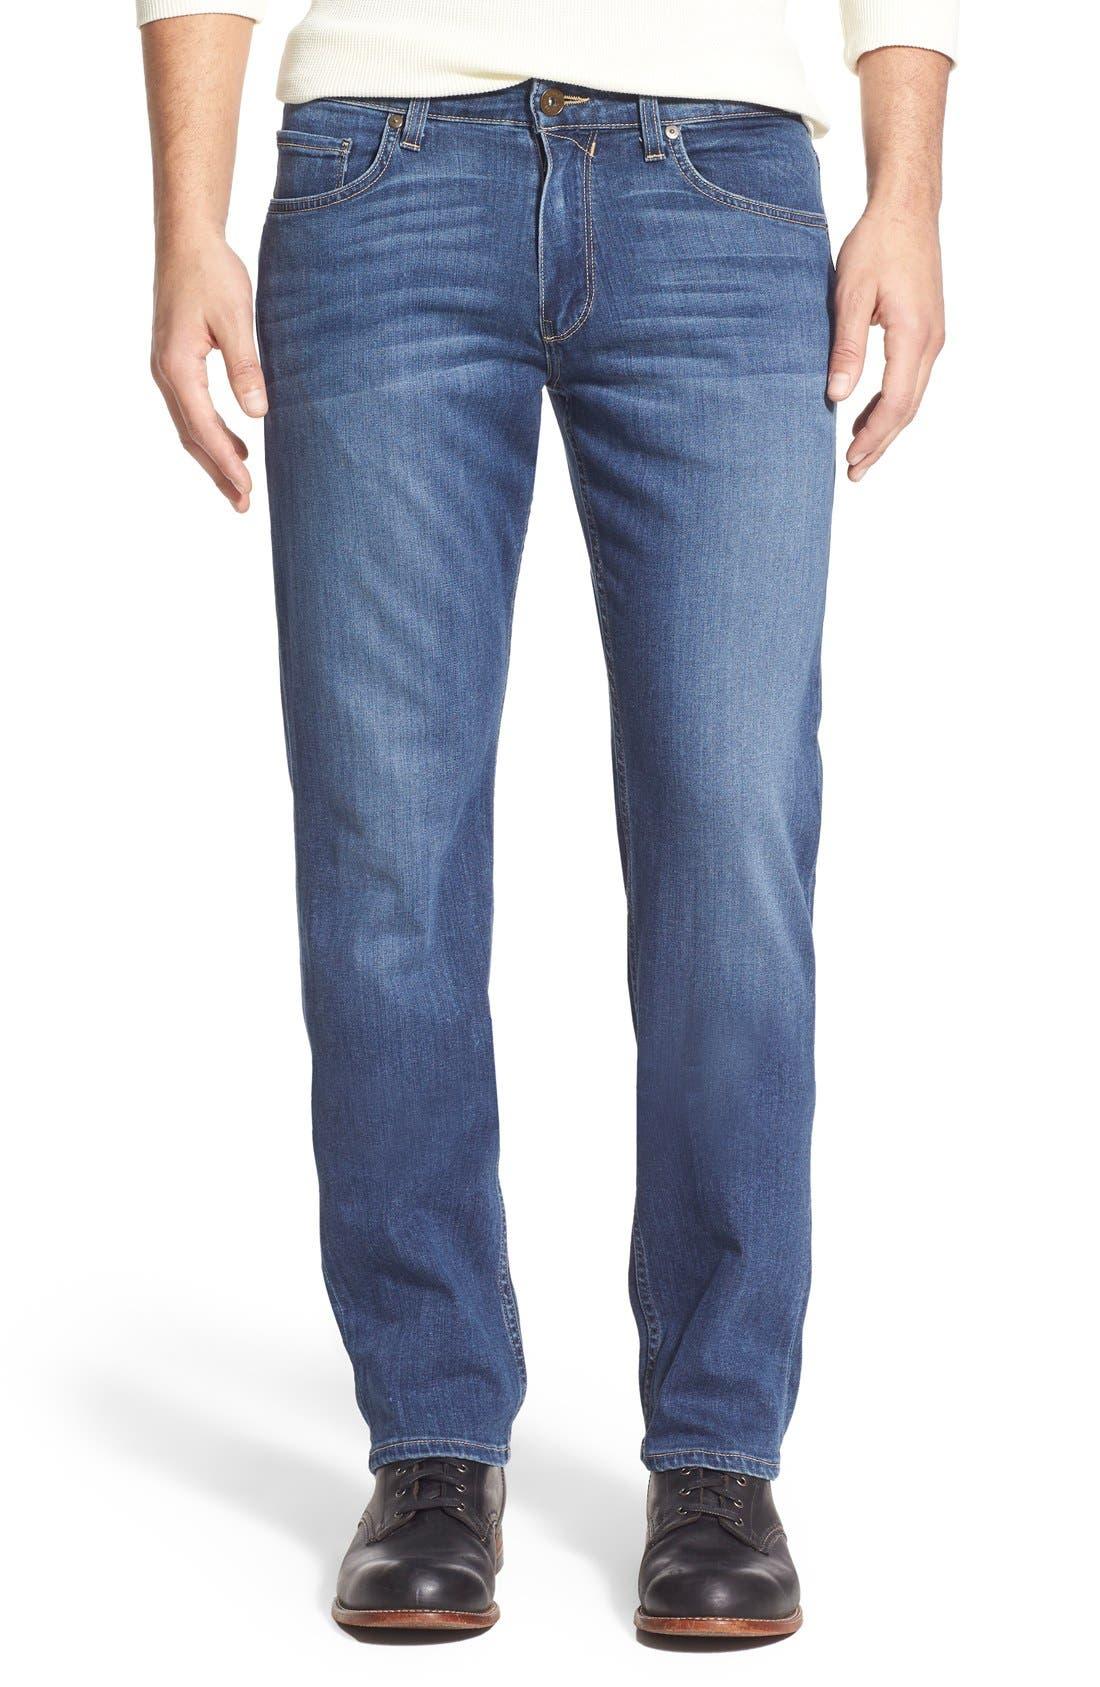 PAIGE Transcend - Normandie Straight Leg Jeans, Main, color, BIRCH